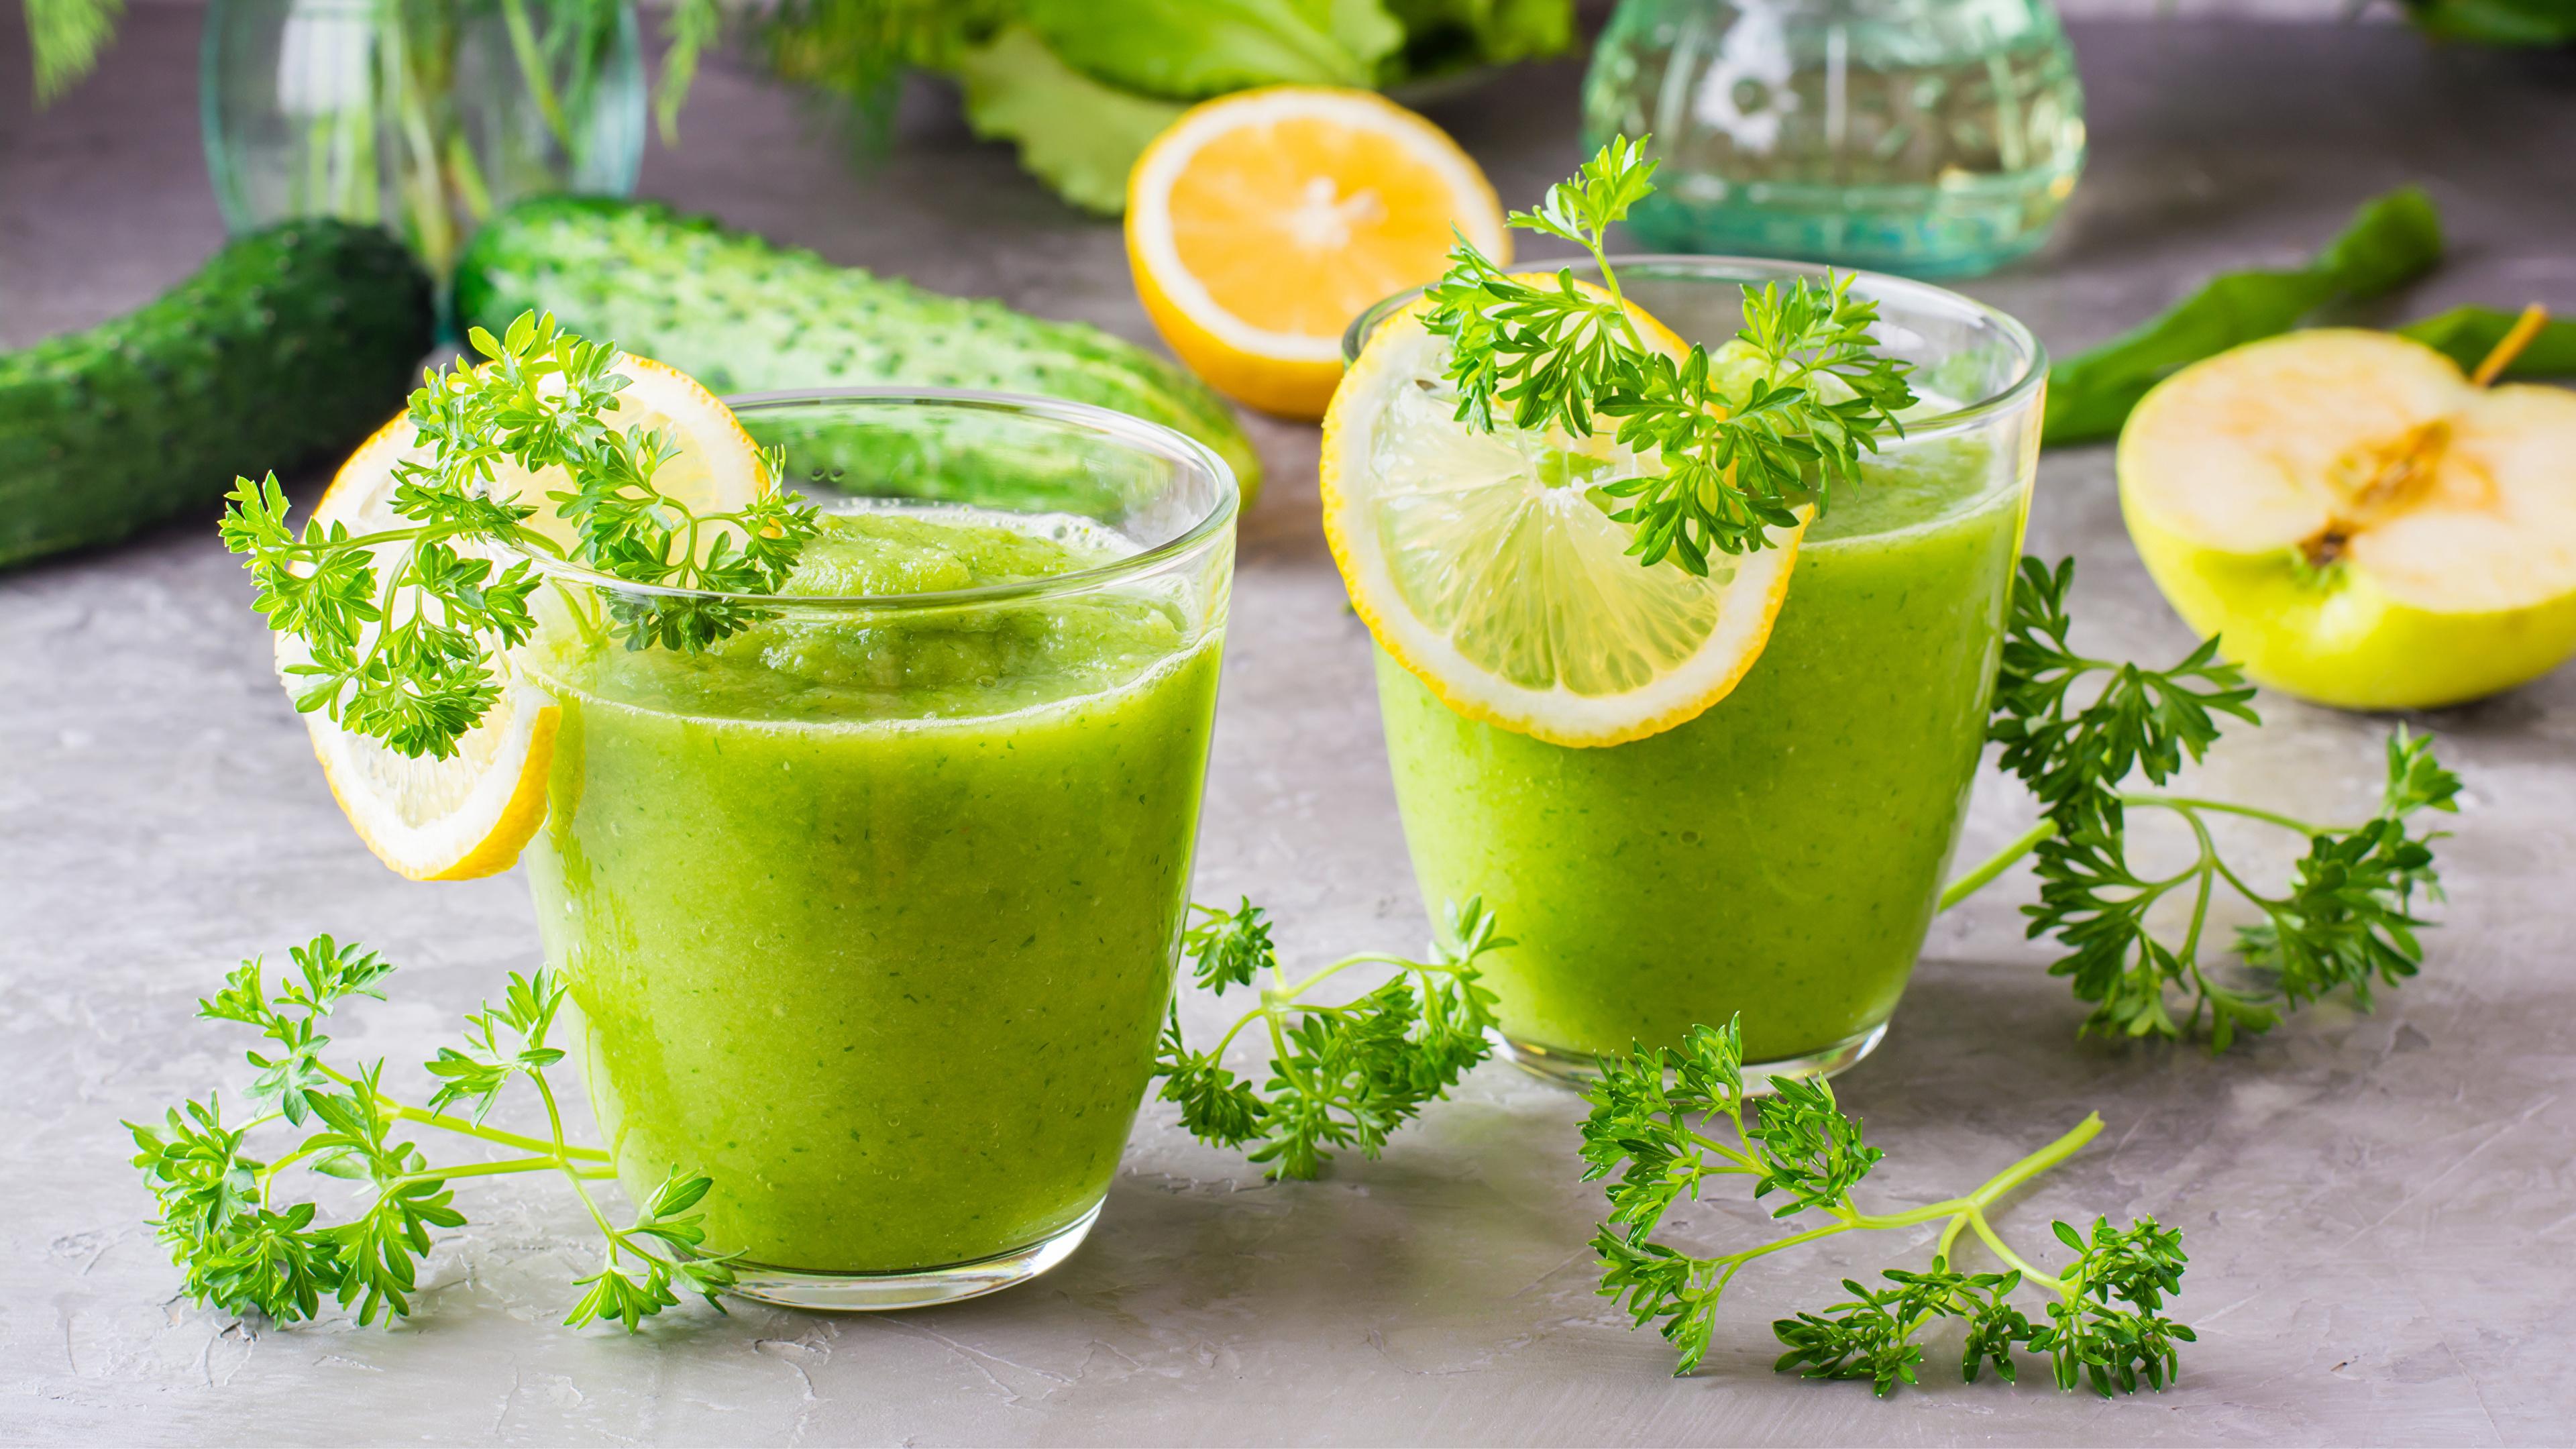 Фото Смузи 2 Лимоны стакане Пища Овощи 3840x2160 две два Двое вдвоем Стакан стакана Еда Продукты питания